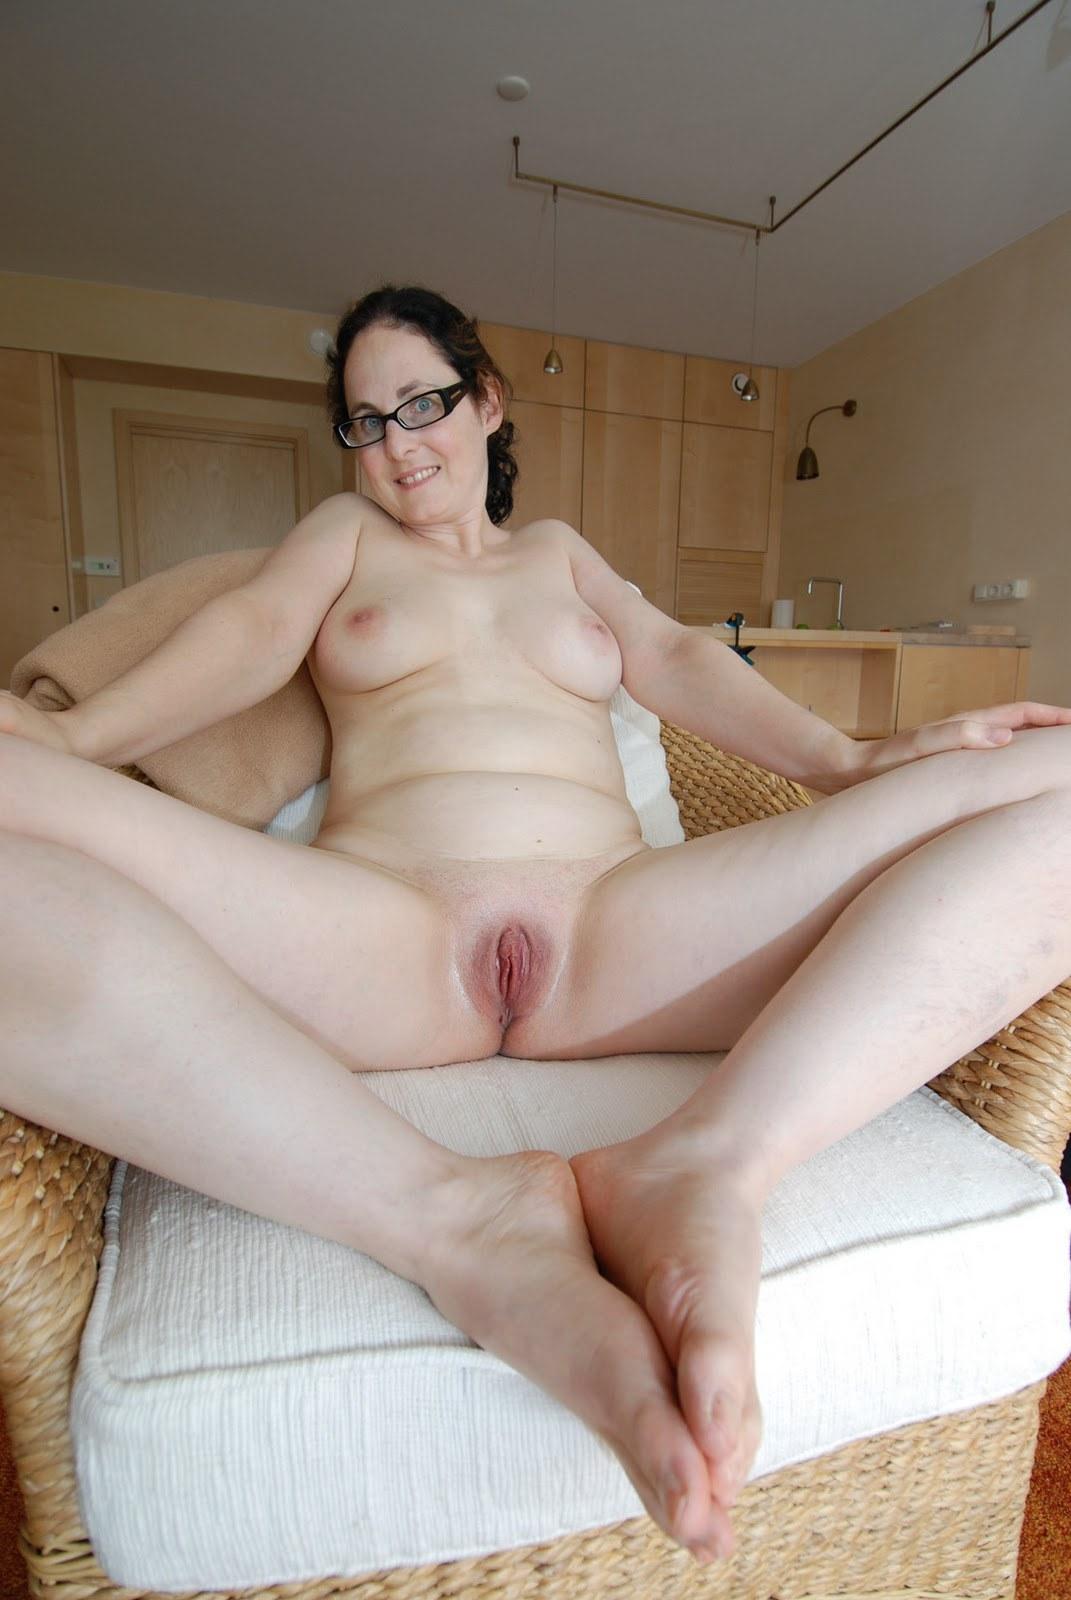 Представительница слабого пола в очках даже в людном месте готова светить побритой писькой секс фото